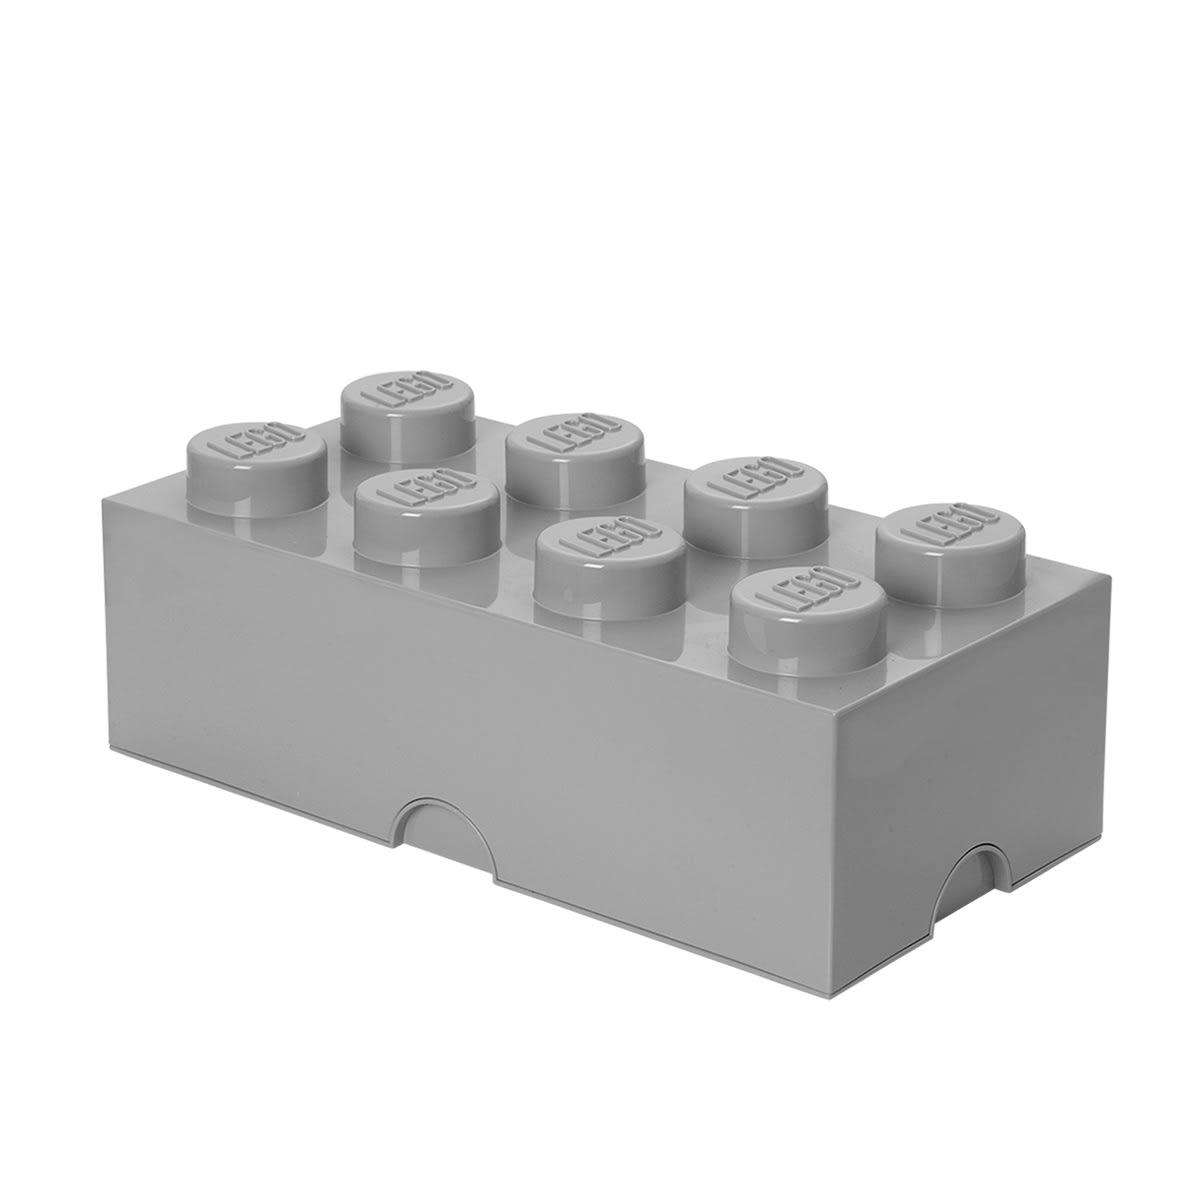 H 18 x L 50 x B 25 cm - Flot opbevaringsmulighed - Passer i alle rum